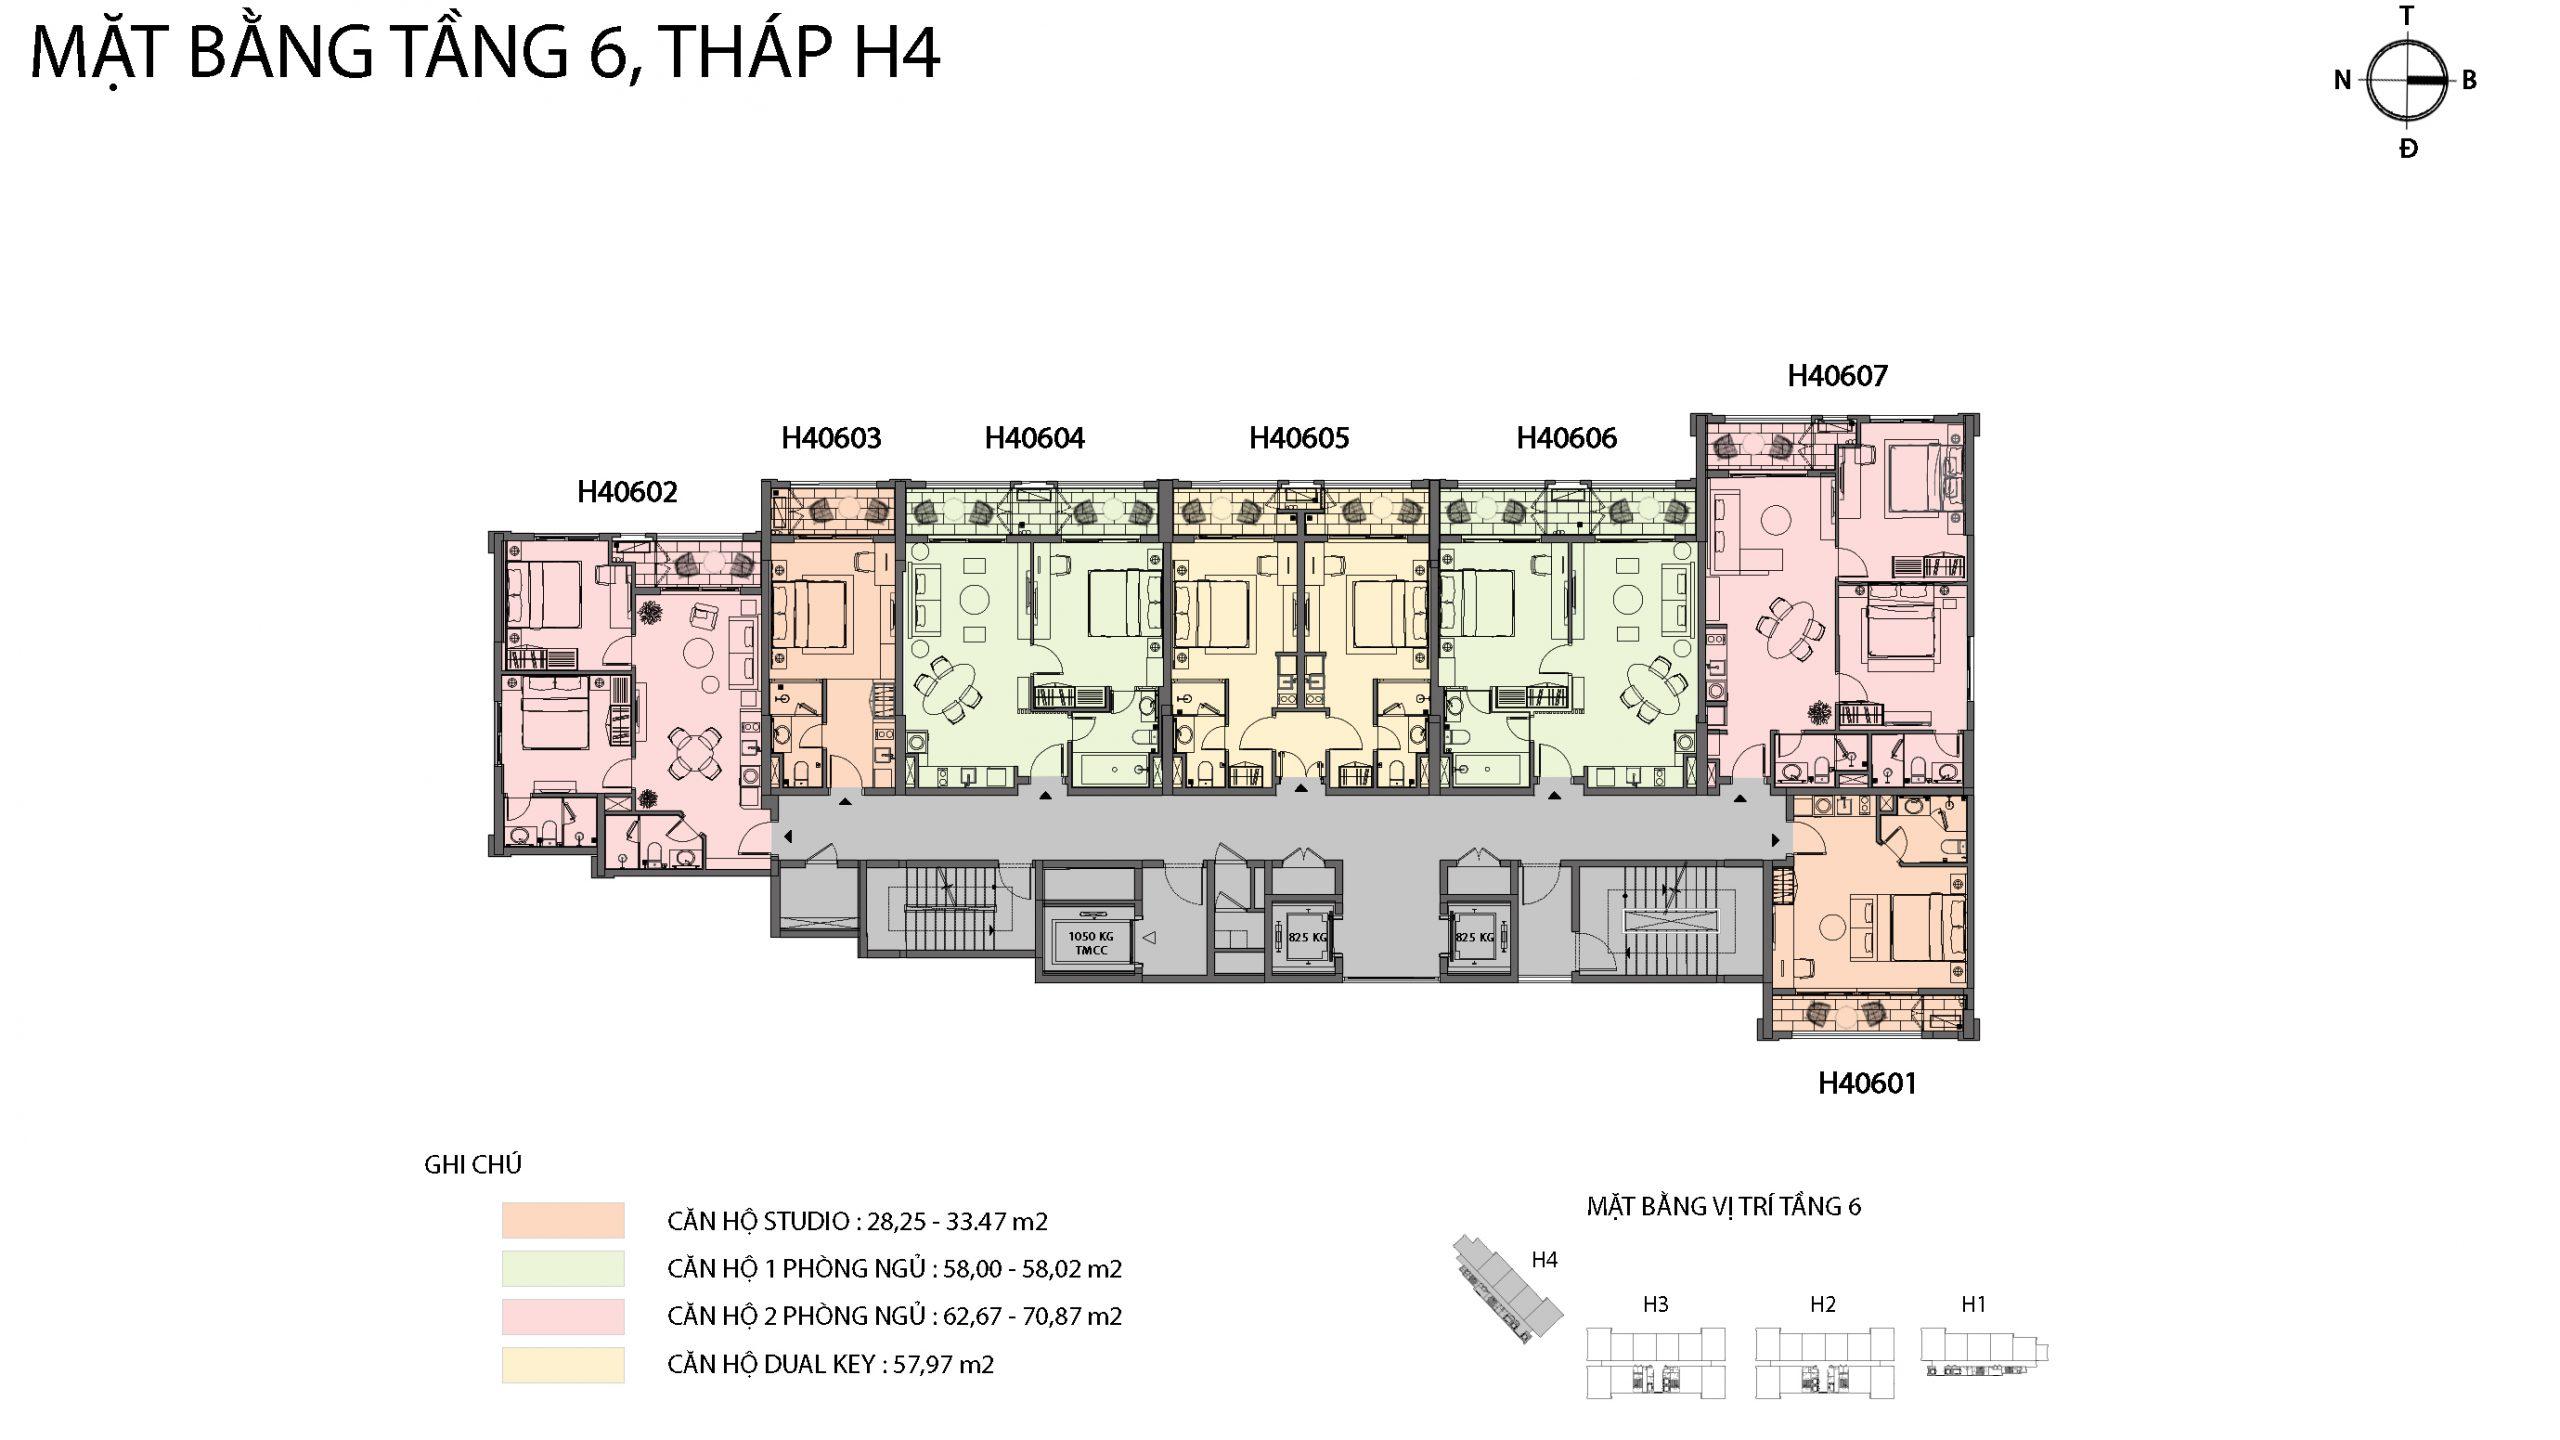 Mặt bằng chi tiết tòa căn hộ H4 - Sun Grand City Hillside Residence 4